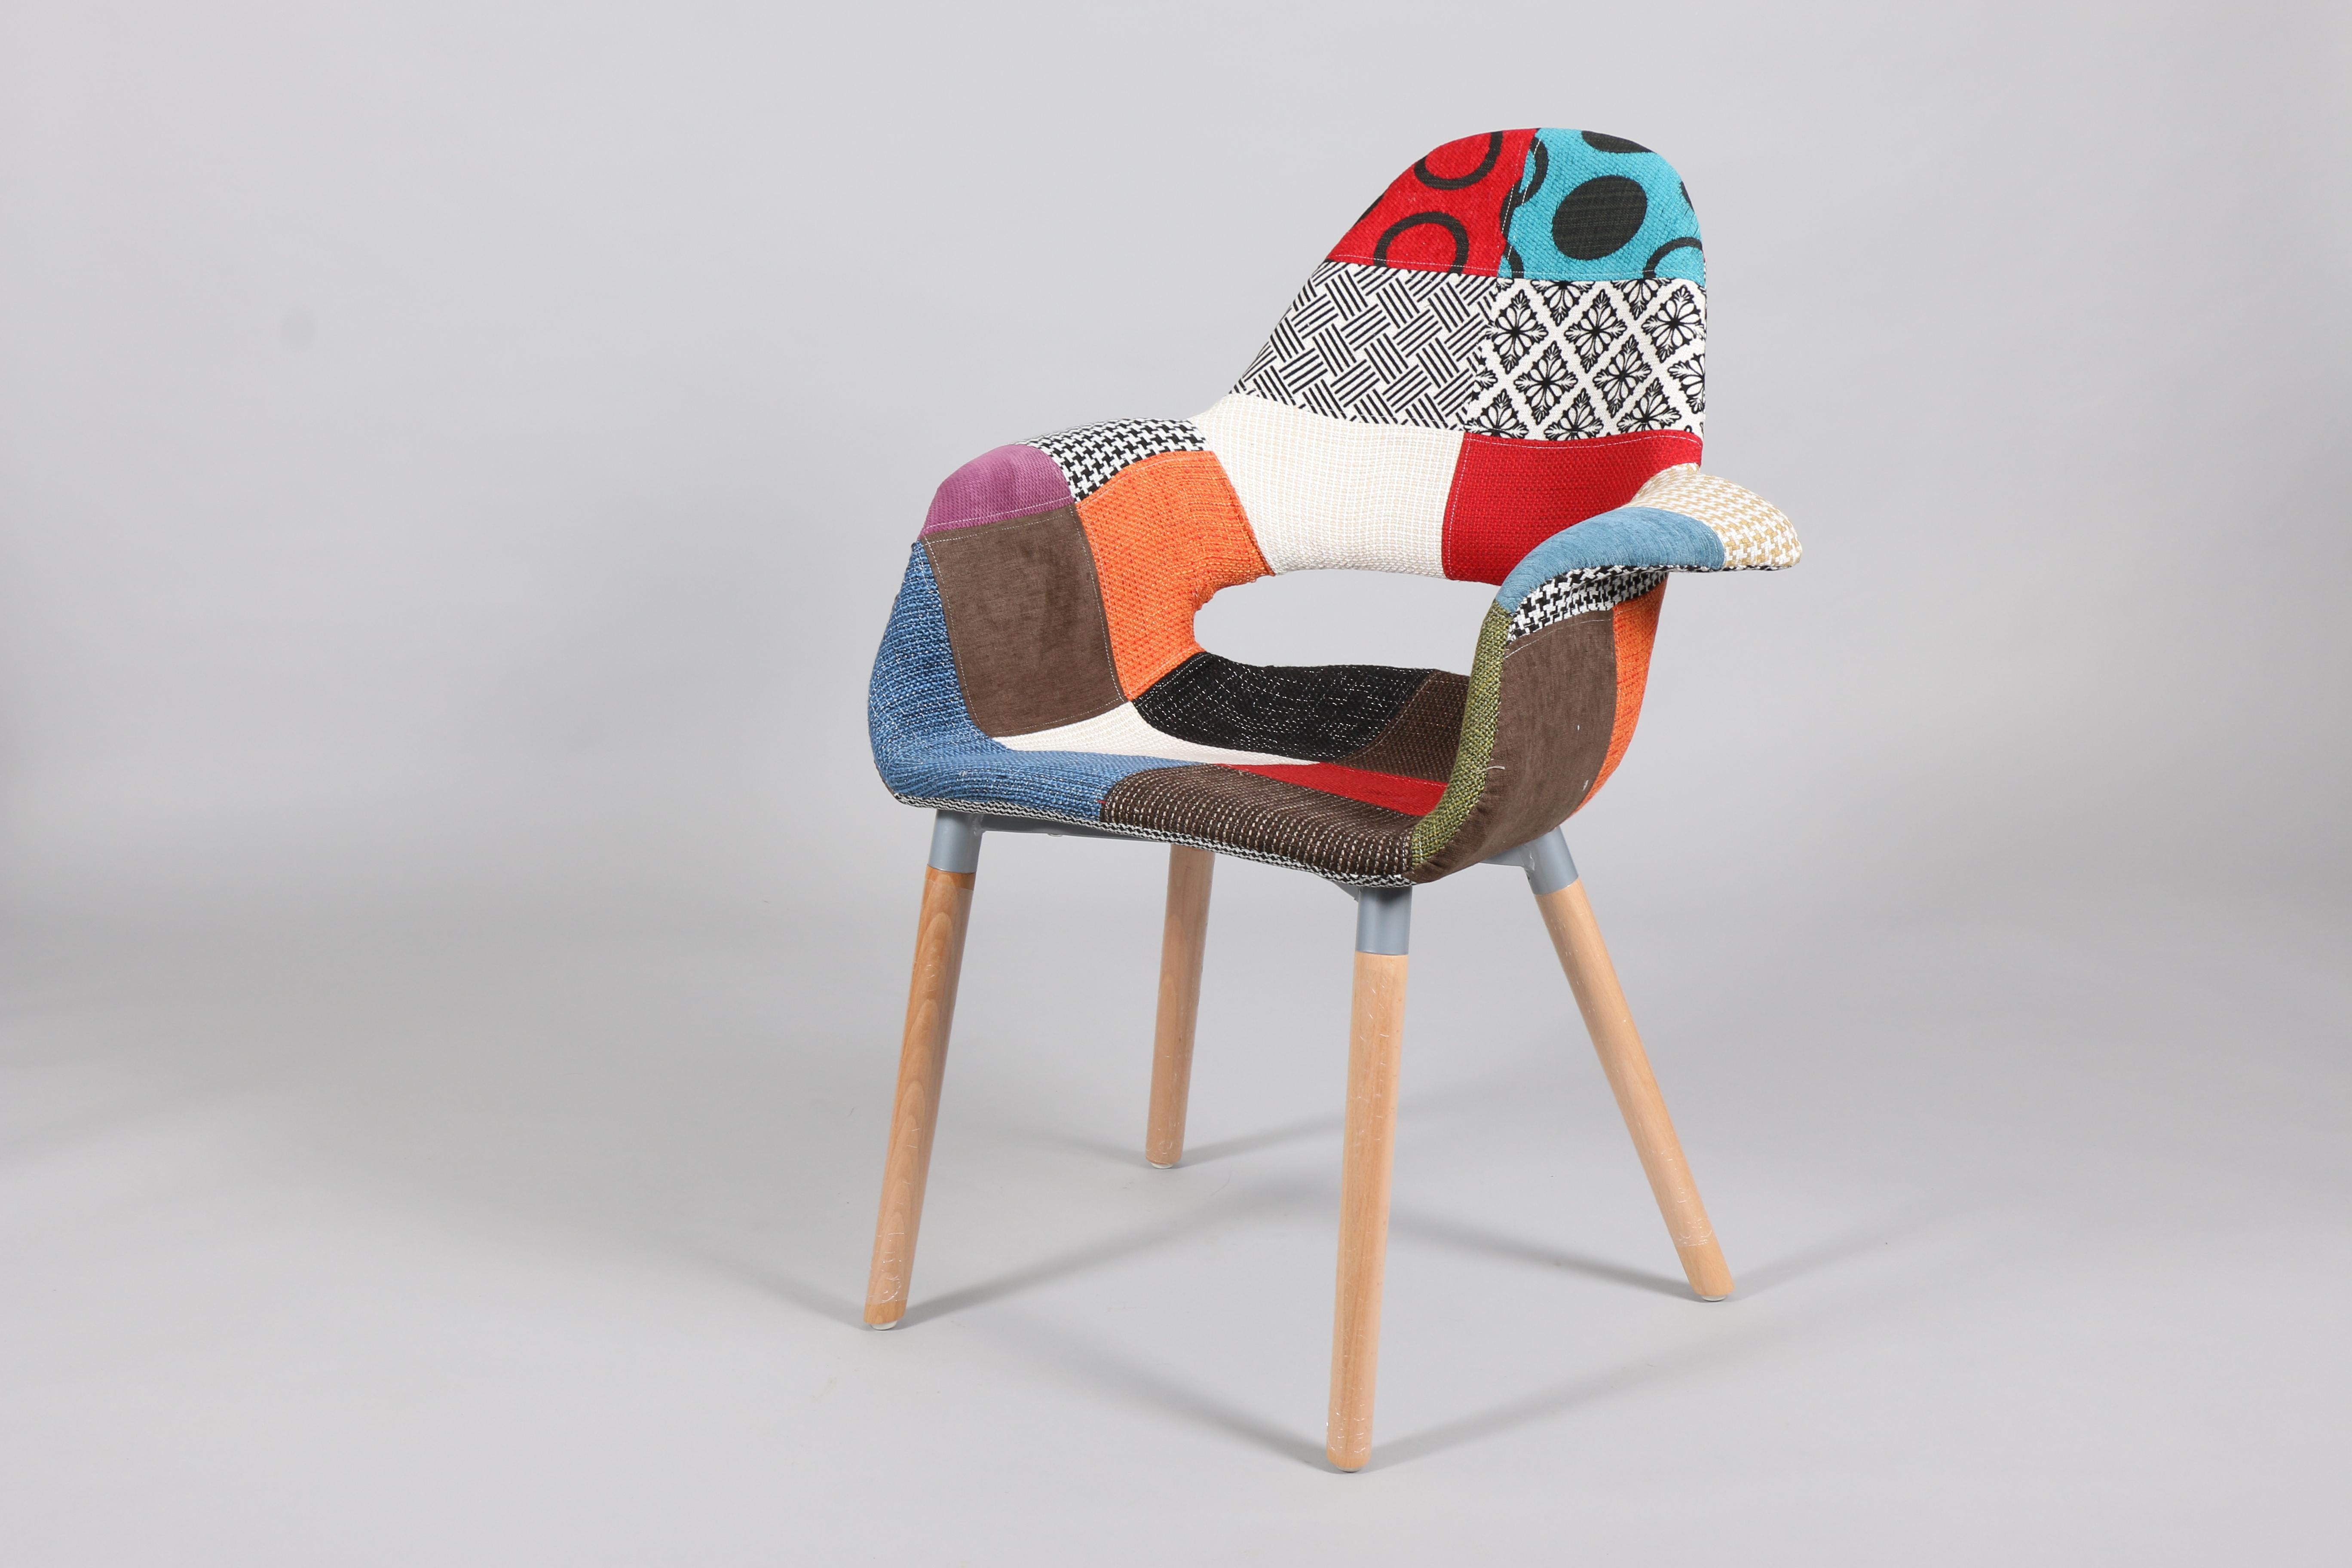 цветен стол с дървени крака и тапицерия на кръпки